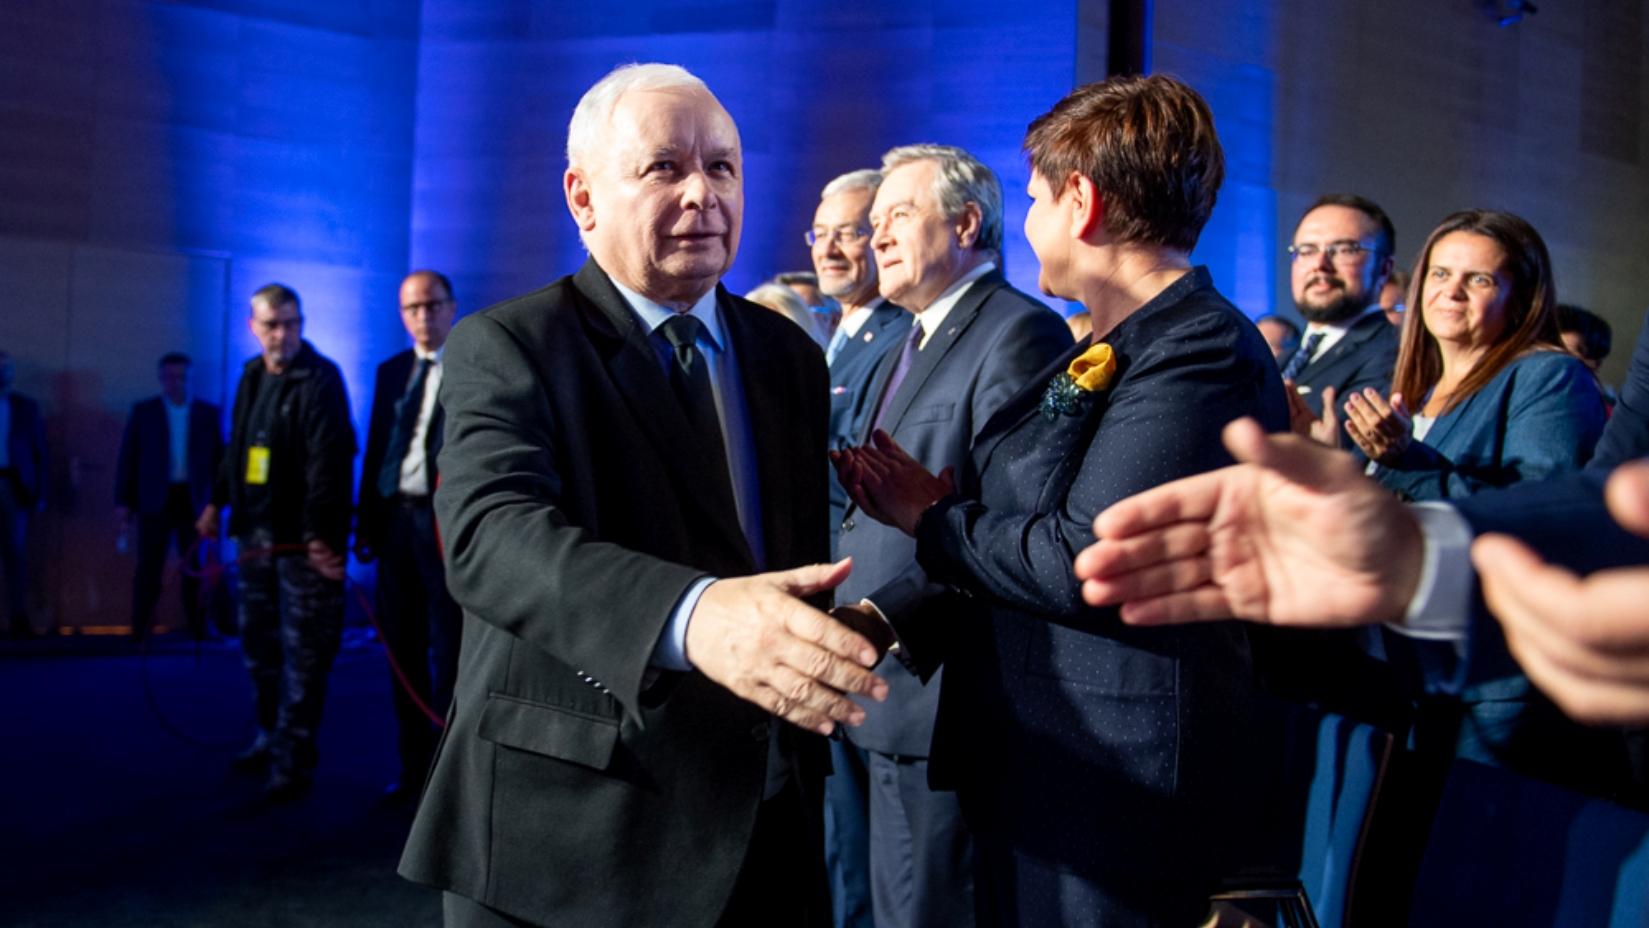 Kaczyński odejdzie? Nieoficjalnie: Będzie głęboka rekonstrukcja rządu